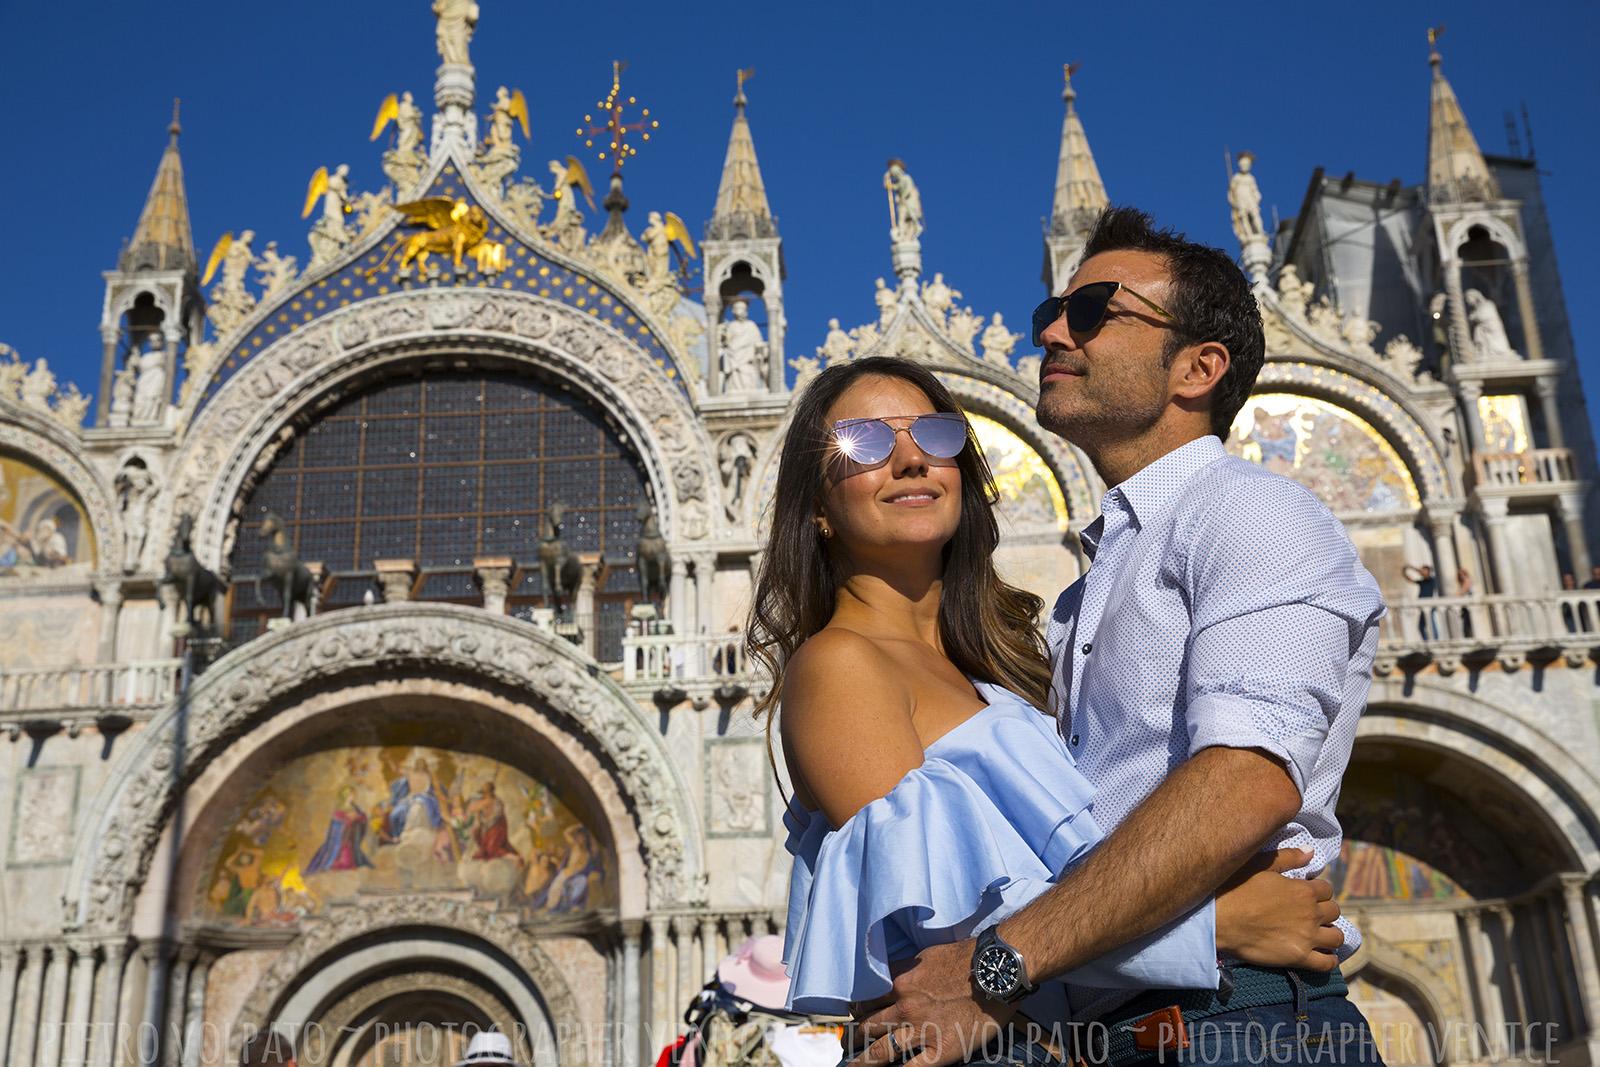 Servizio foto luna di miele a Venezia ~ fotografo a Venezia per il servizio foto viaggio di nozze ~ foto vacanza coppia a Venezia